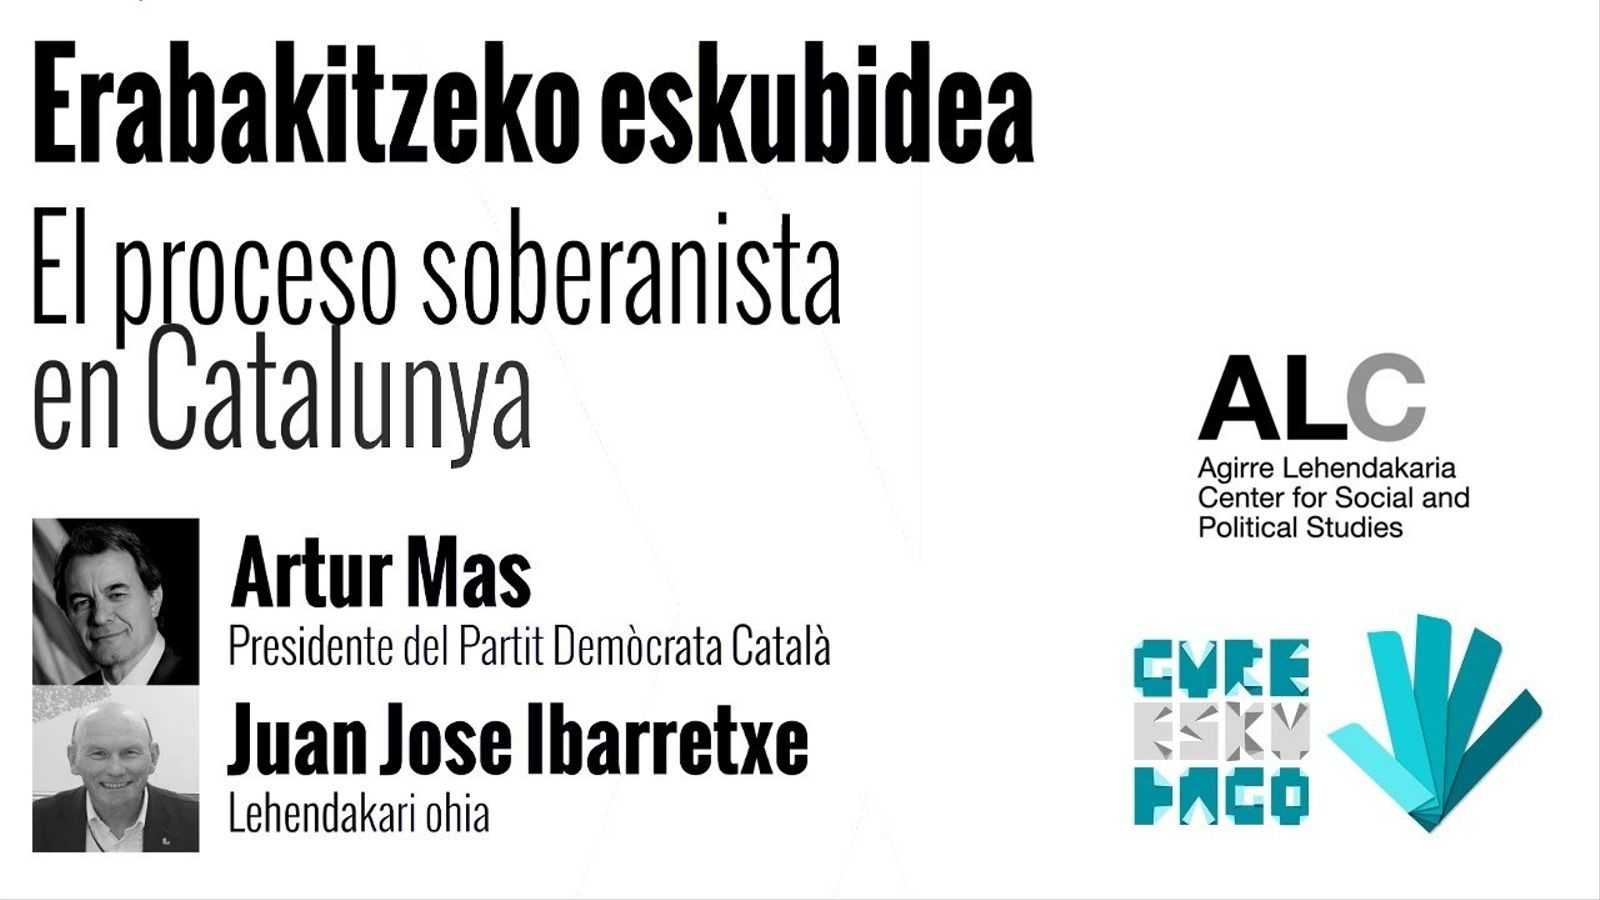 Artur Mas i Juan José Ibarretxe, en directe